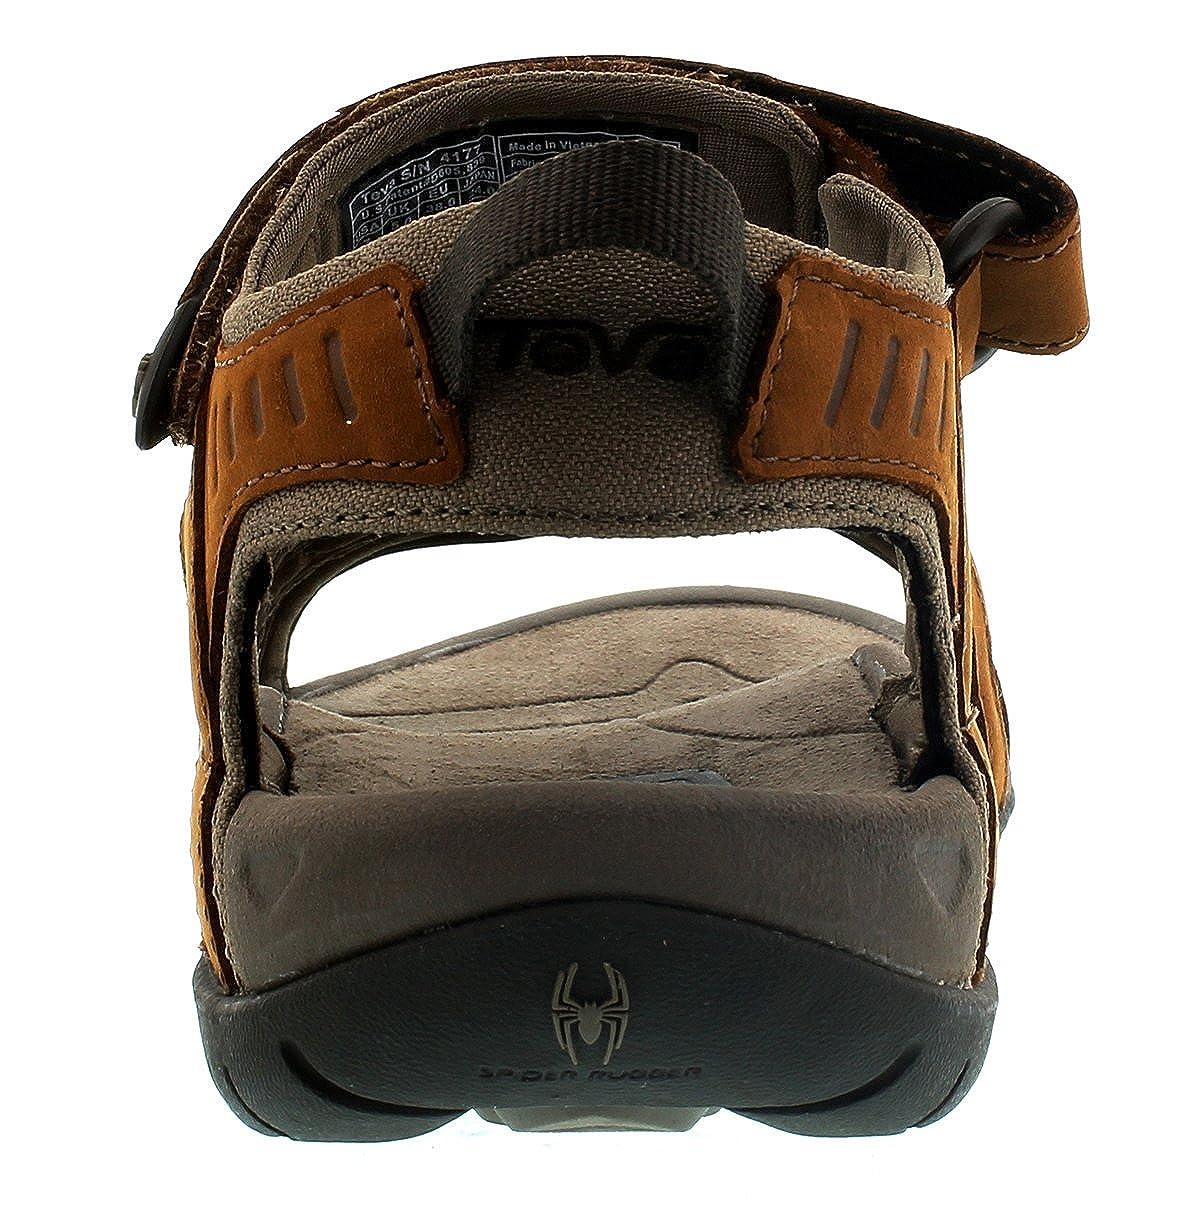 Teva Damen Damen Damen Tirra Leather W's Peeptoe Sandalen Rust 40,5 EU M  066a34